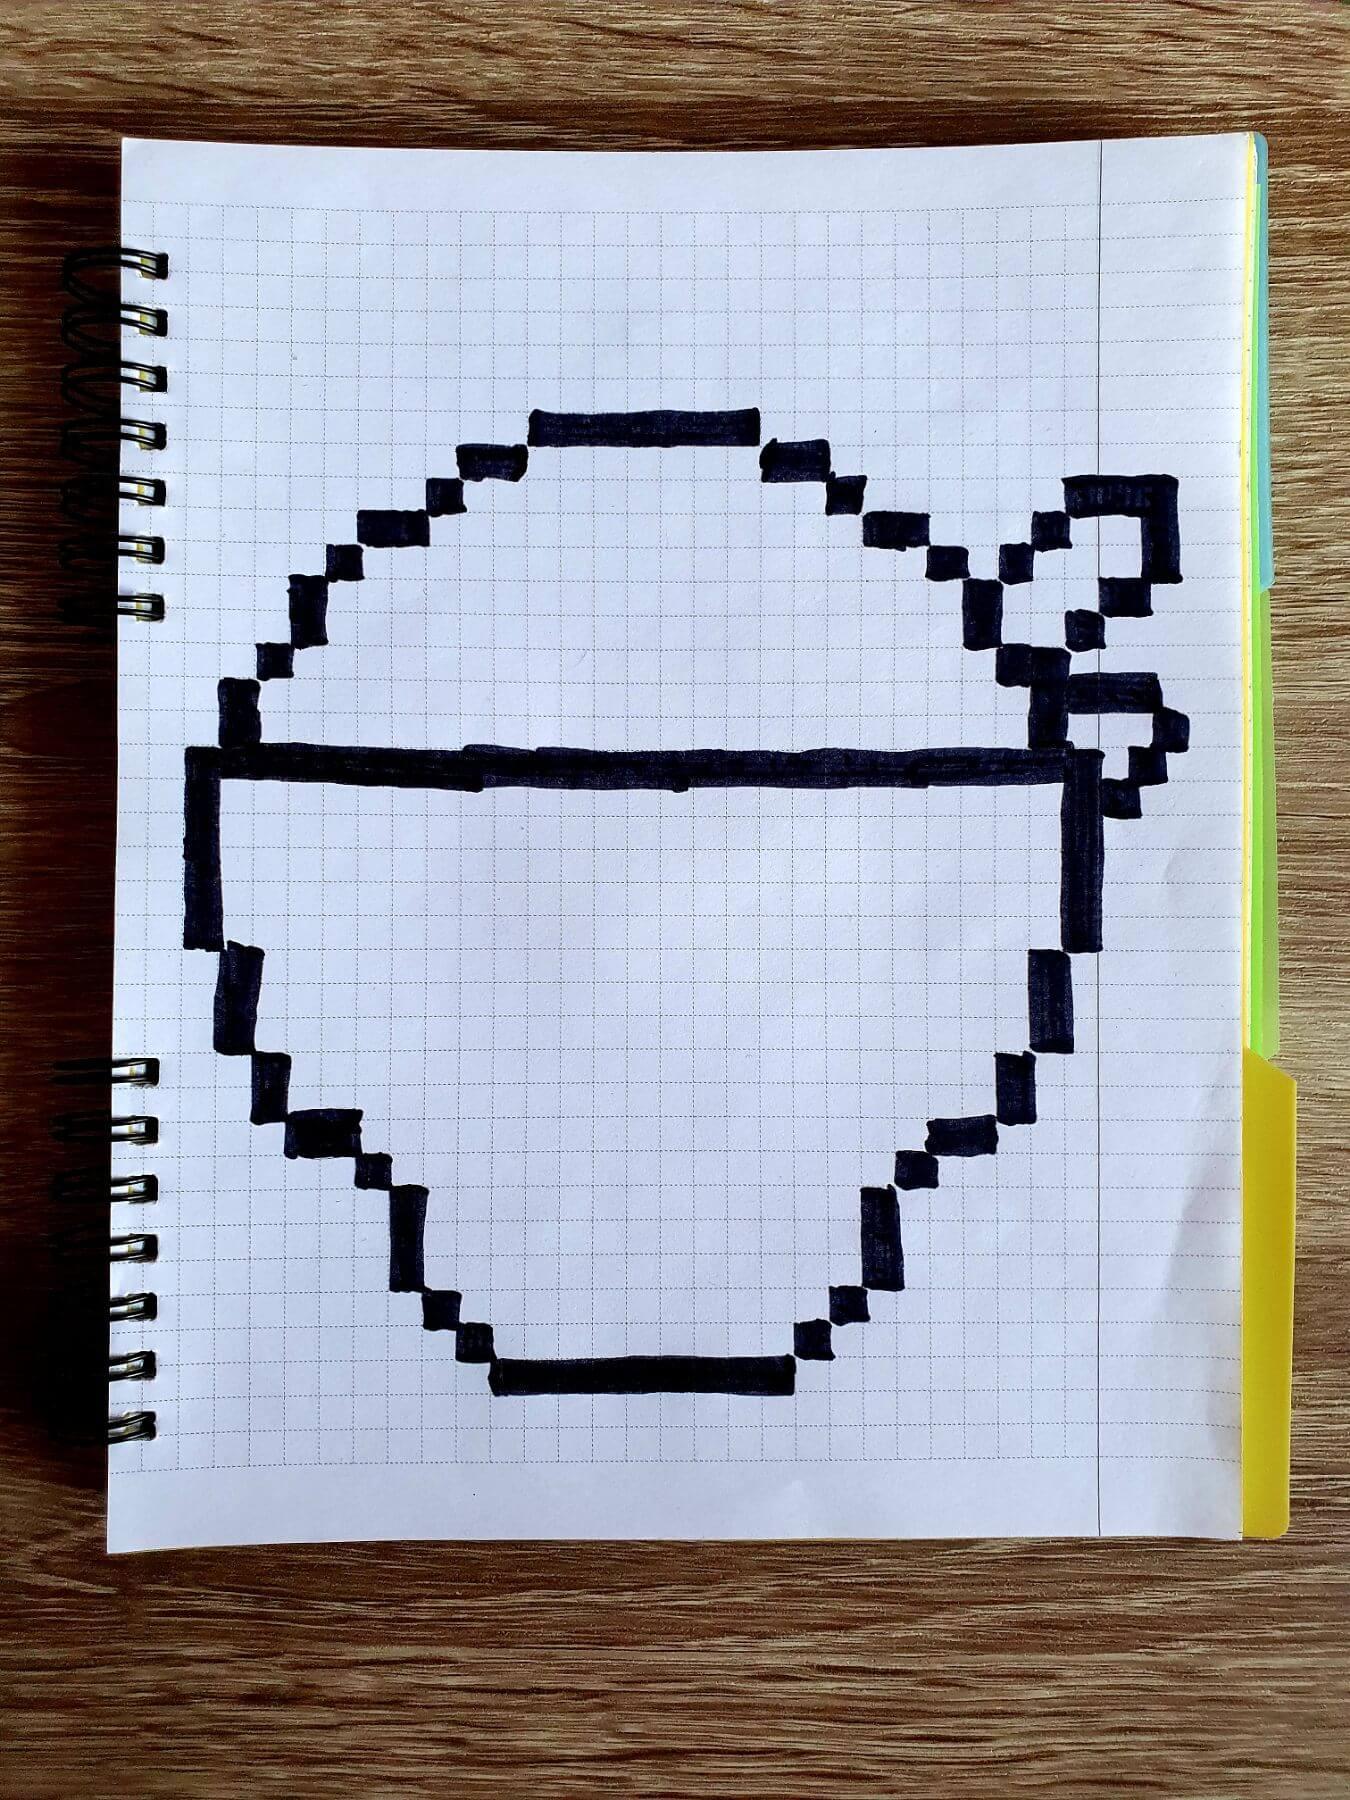 Поко з Brawl Stars. Малюнок по клітинкам. рисунки по клеточкам, pixel art, писксельные рисунки